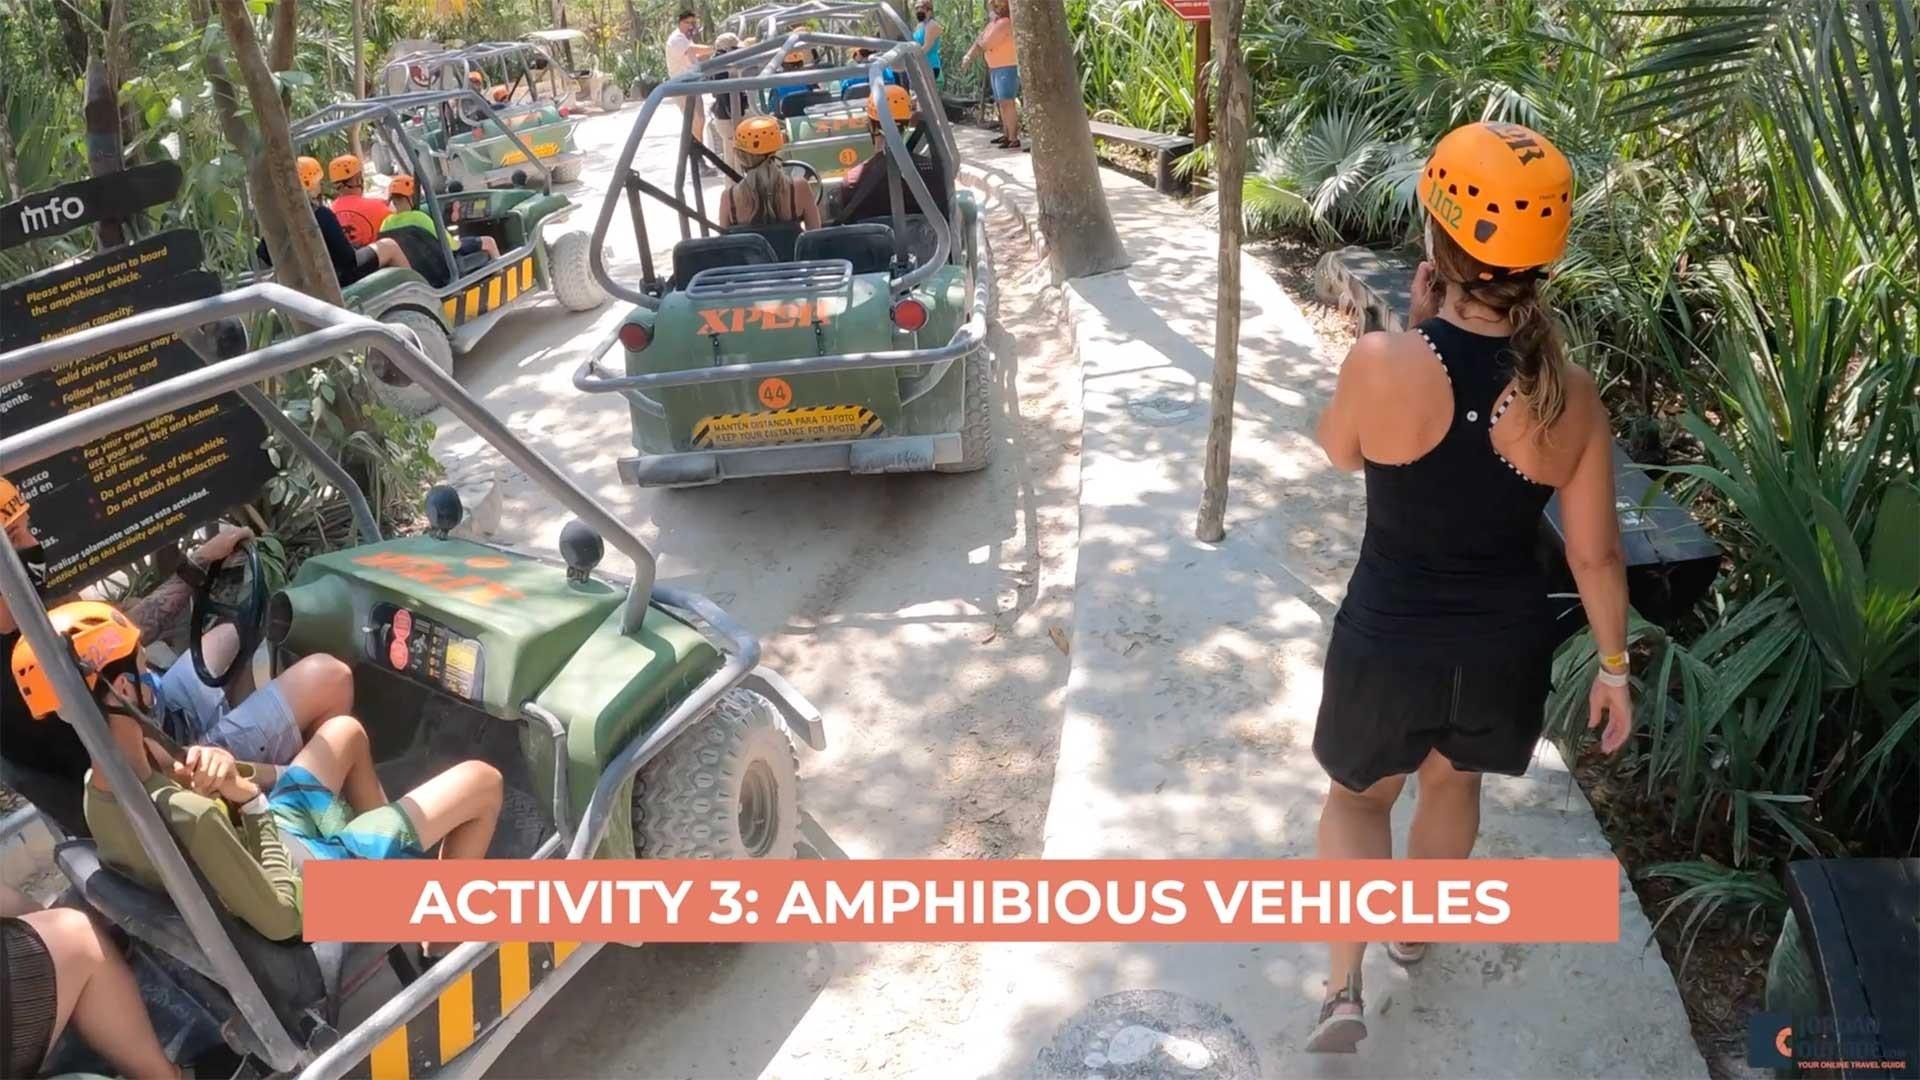 Amphibious Vehicles - Xplor Park